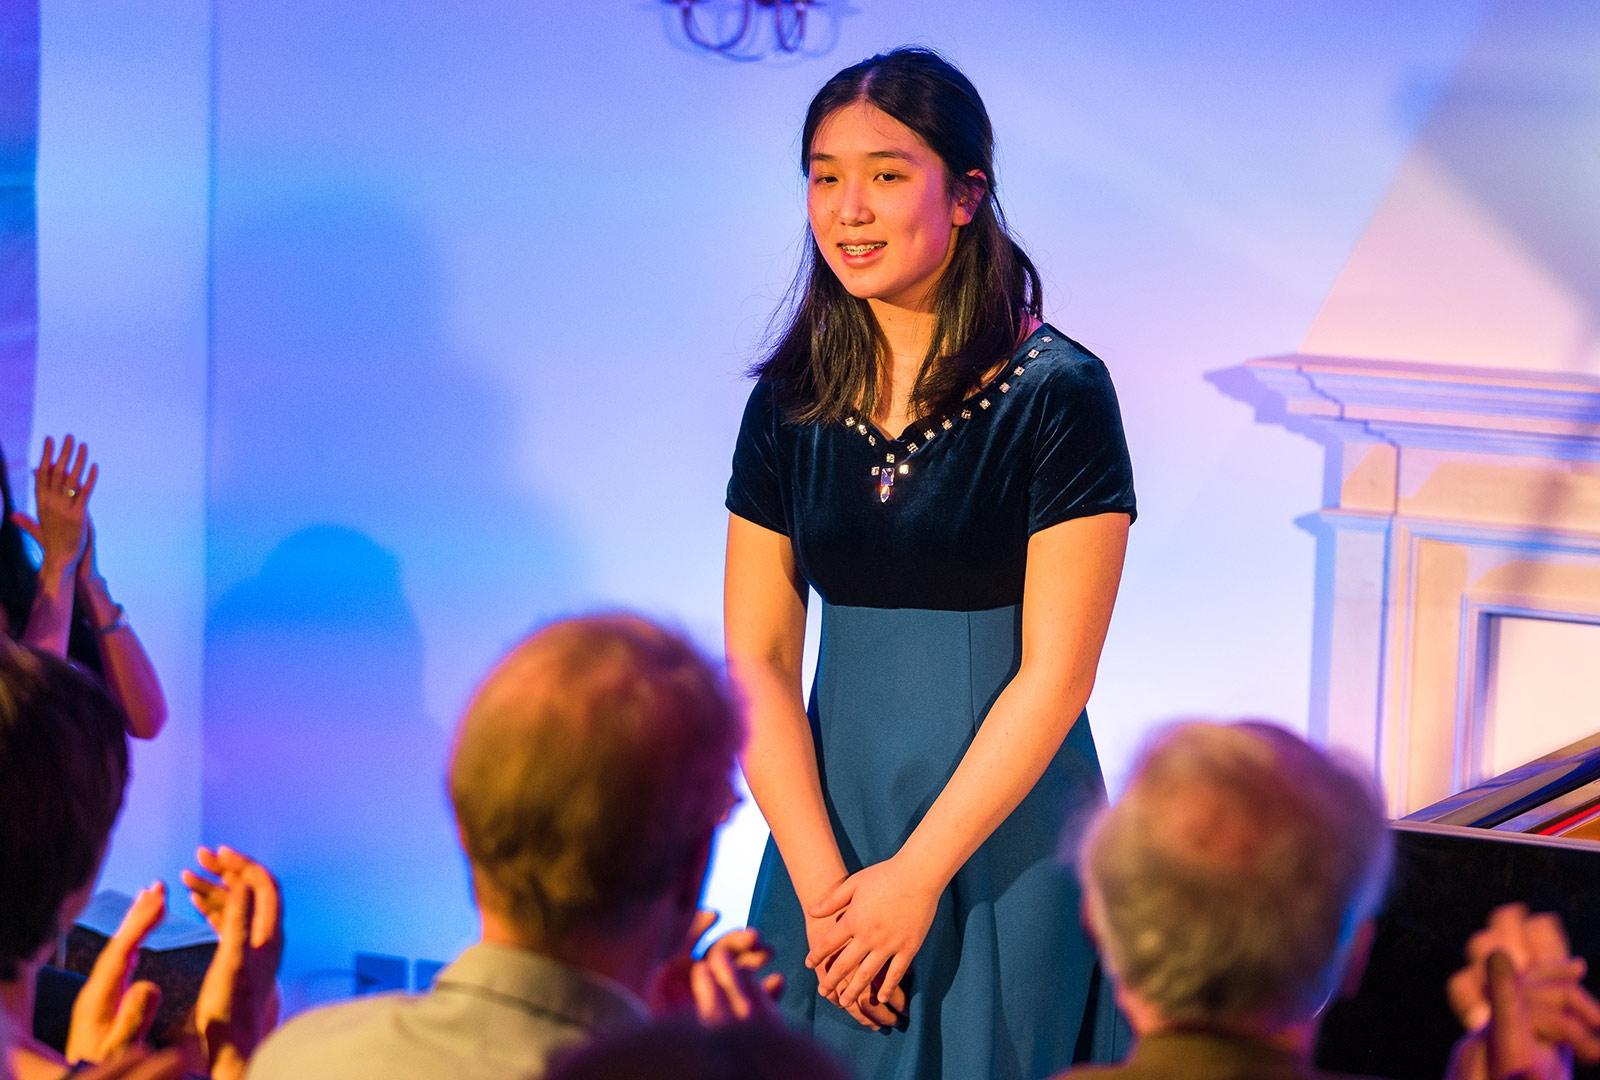 Pianist Lauren Zhang at Breinton